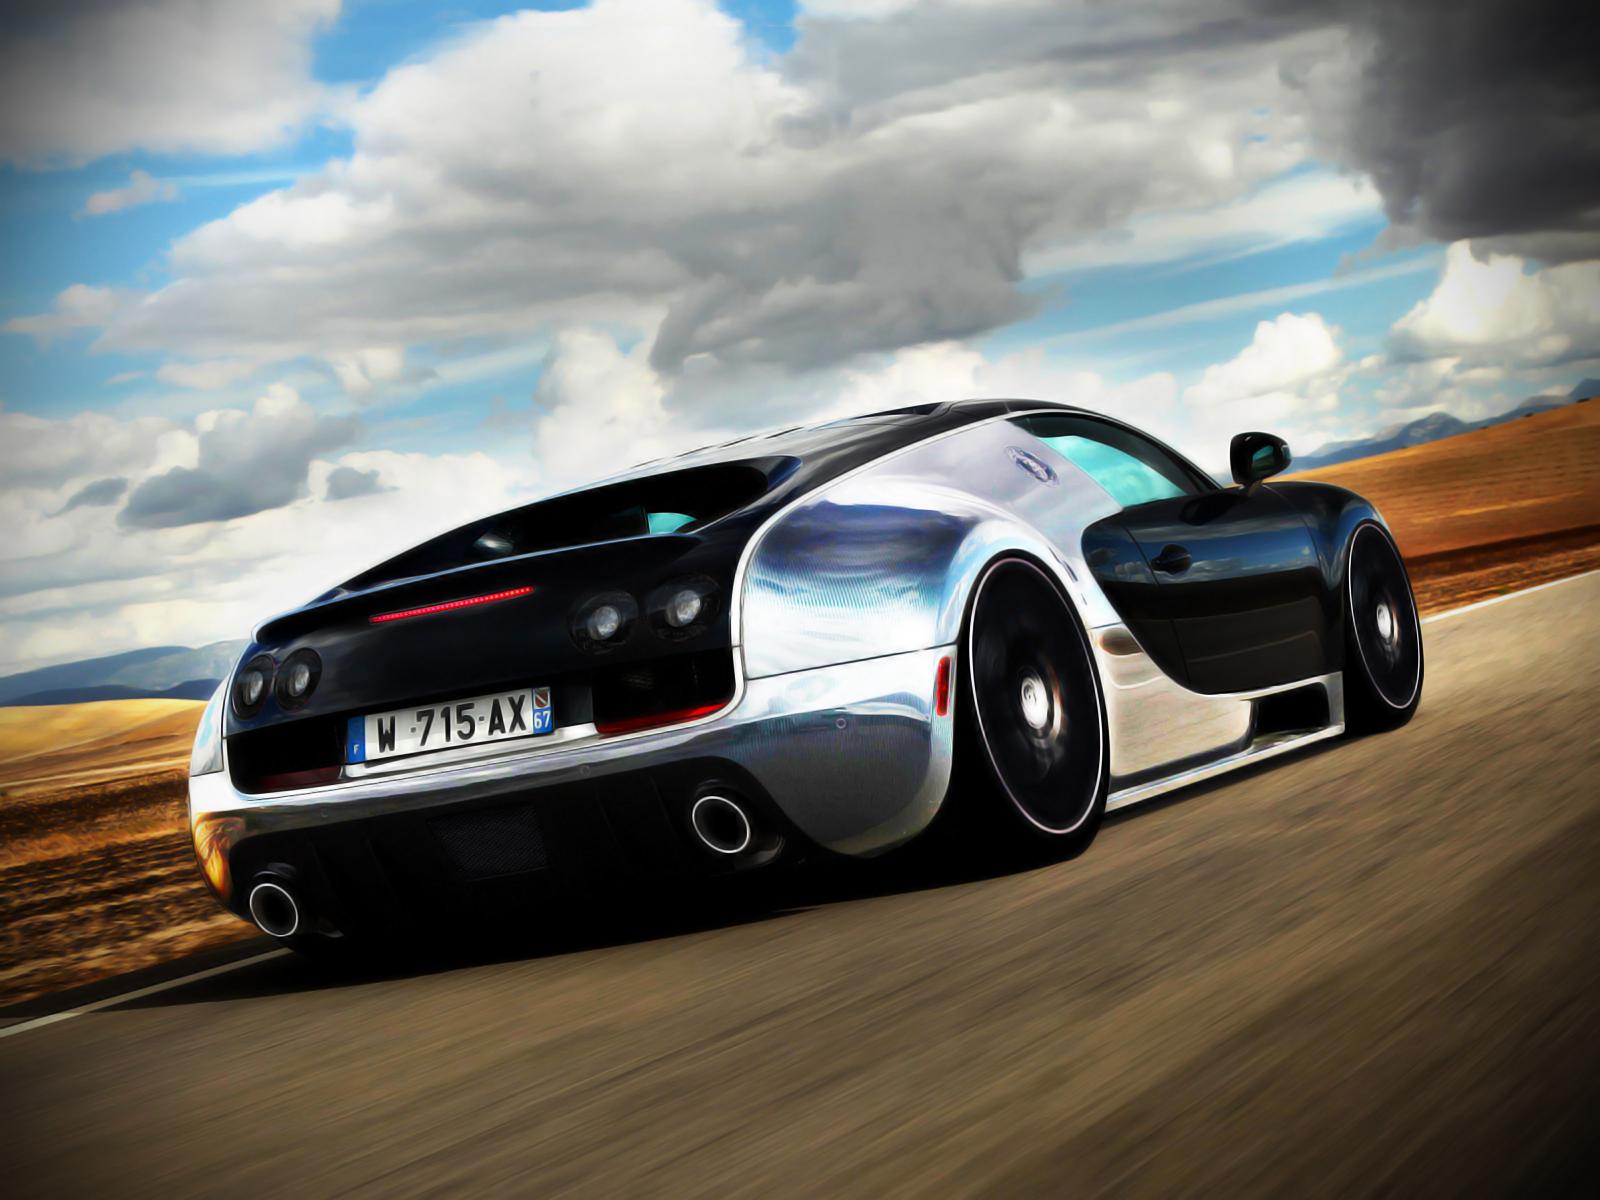 Bugatti Veyron by Marko0811